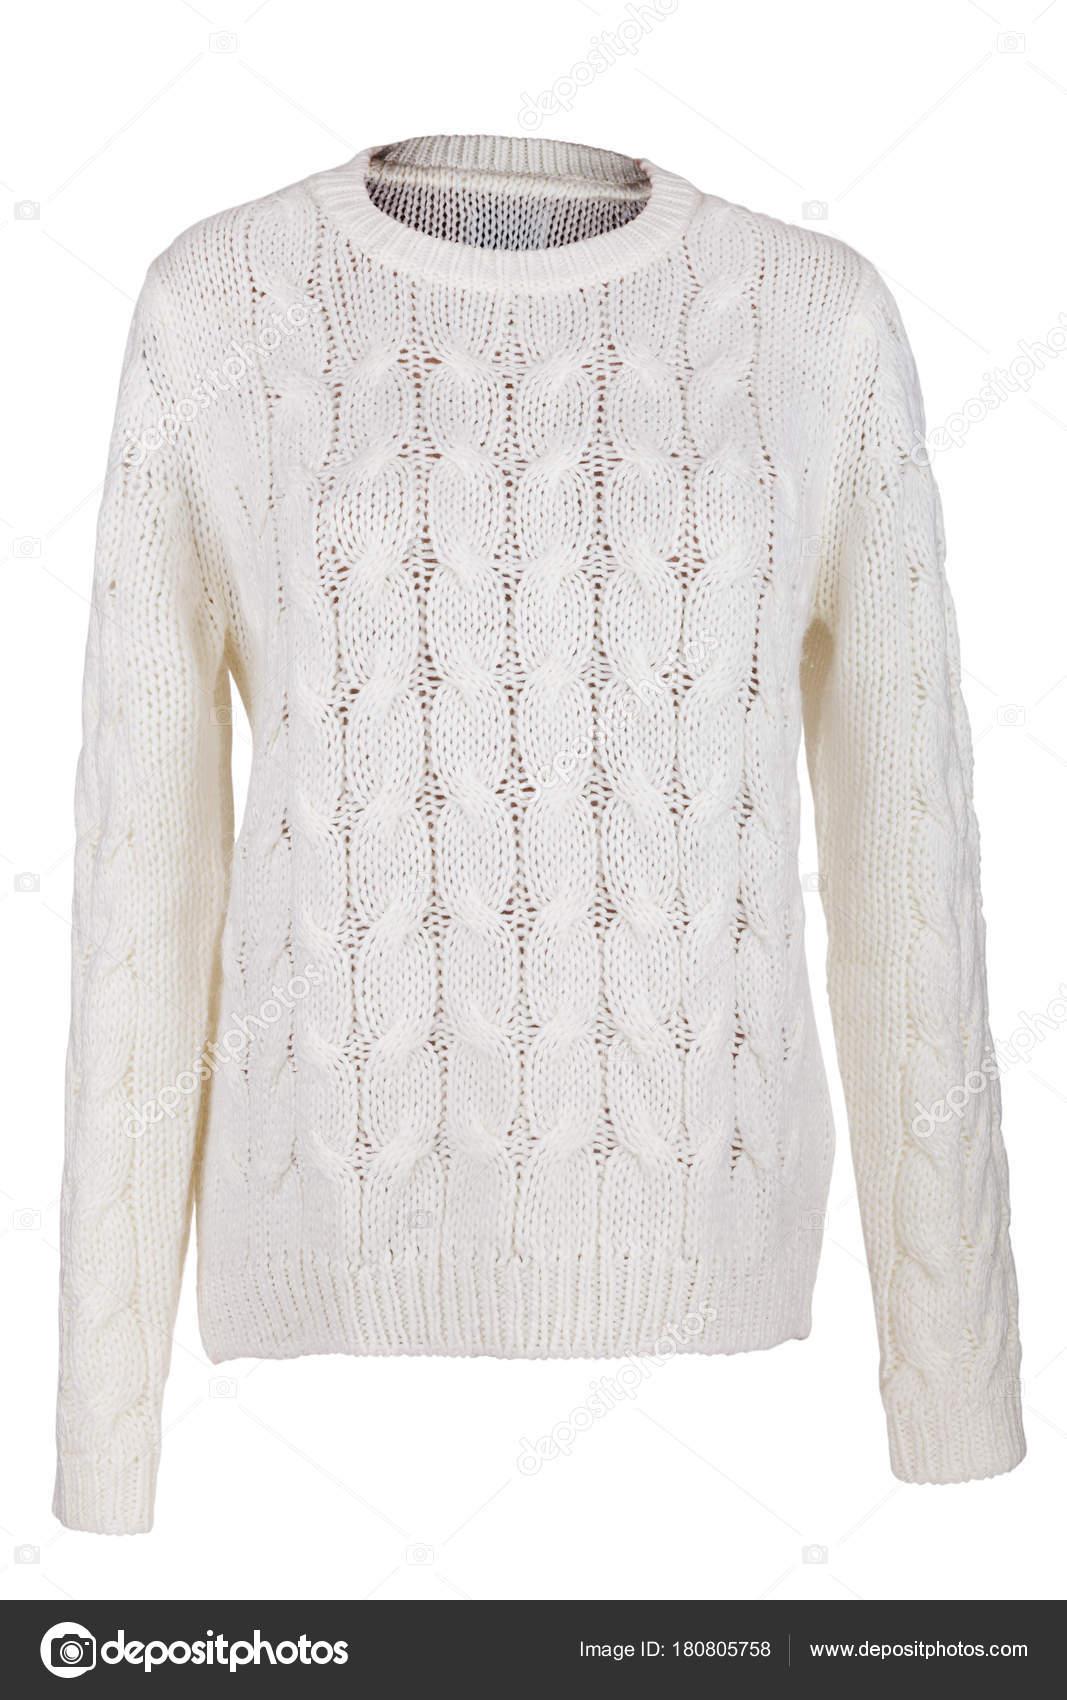 72f09366126f Λευκό πλεκτό πουλόβερ που απομονώνονται σε λευκό φόντο — Εικόνα από ...